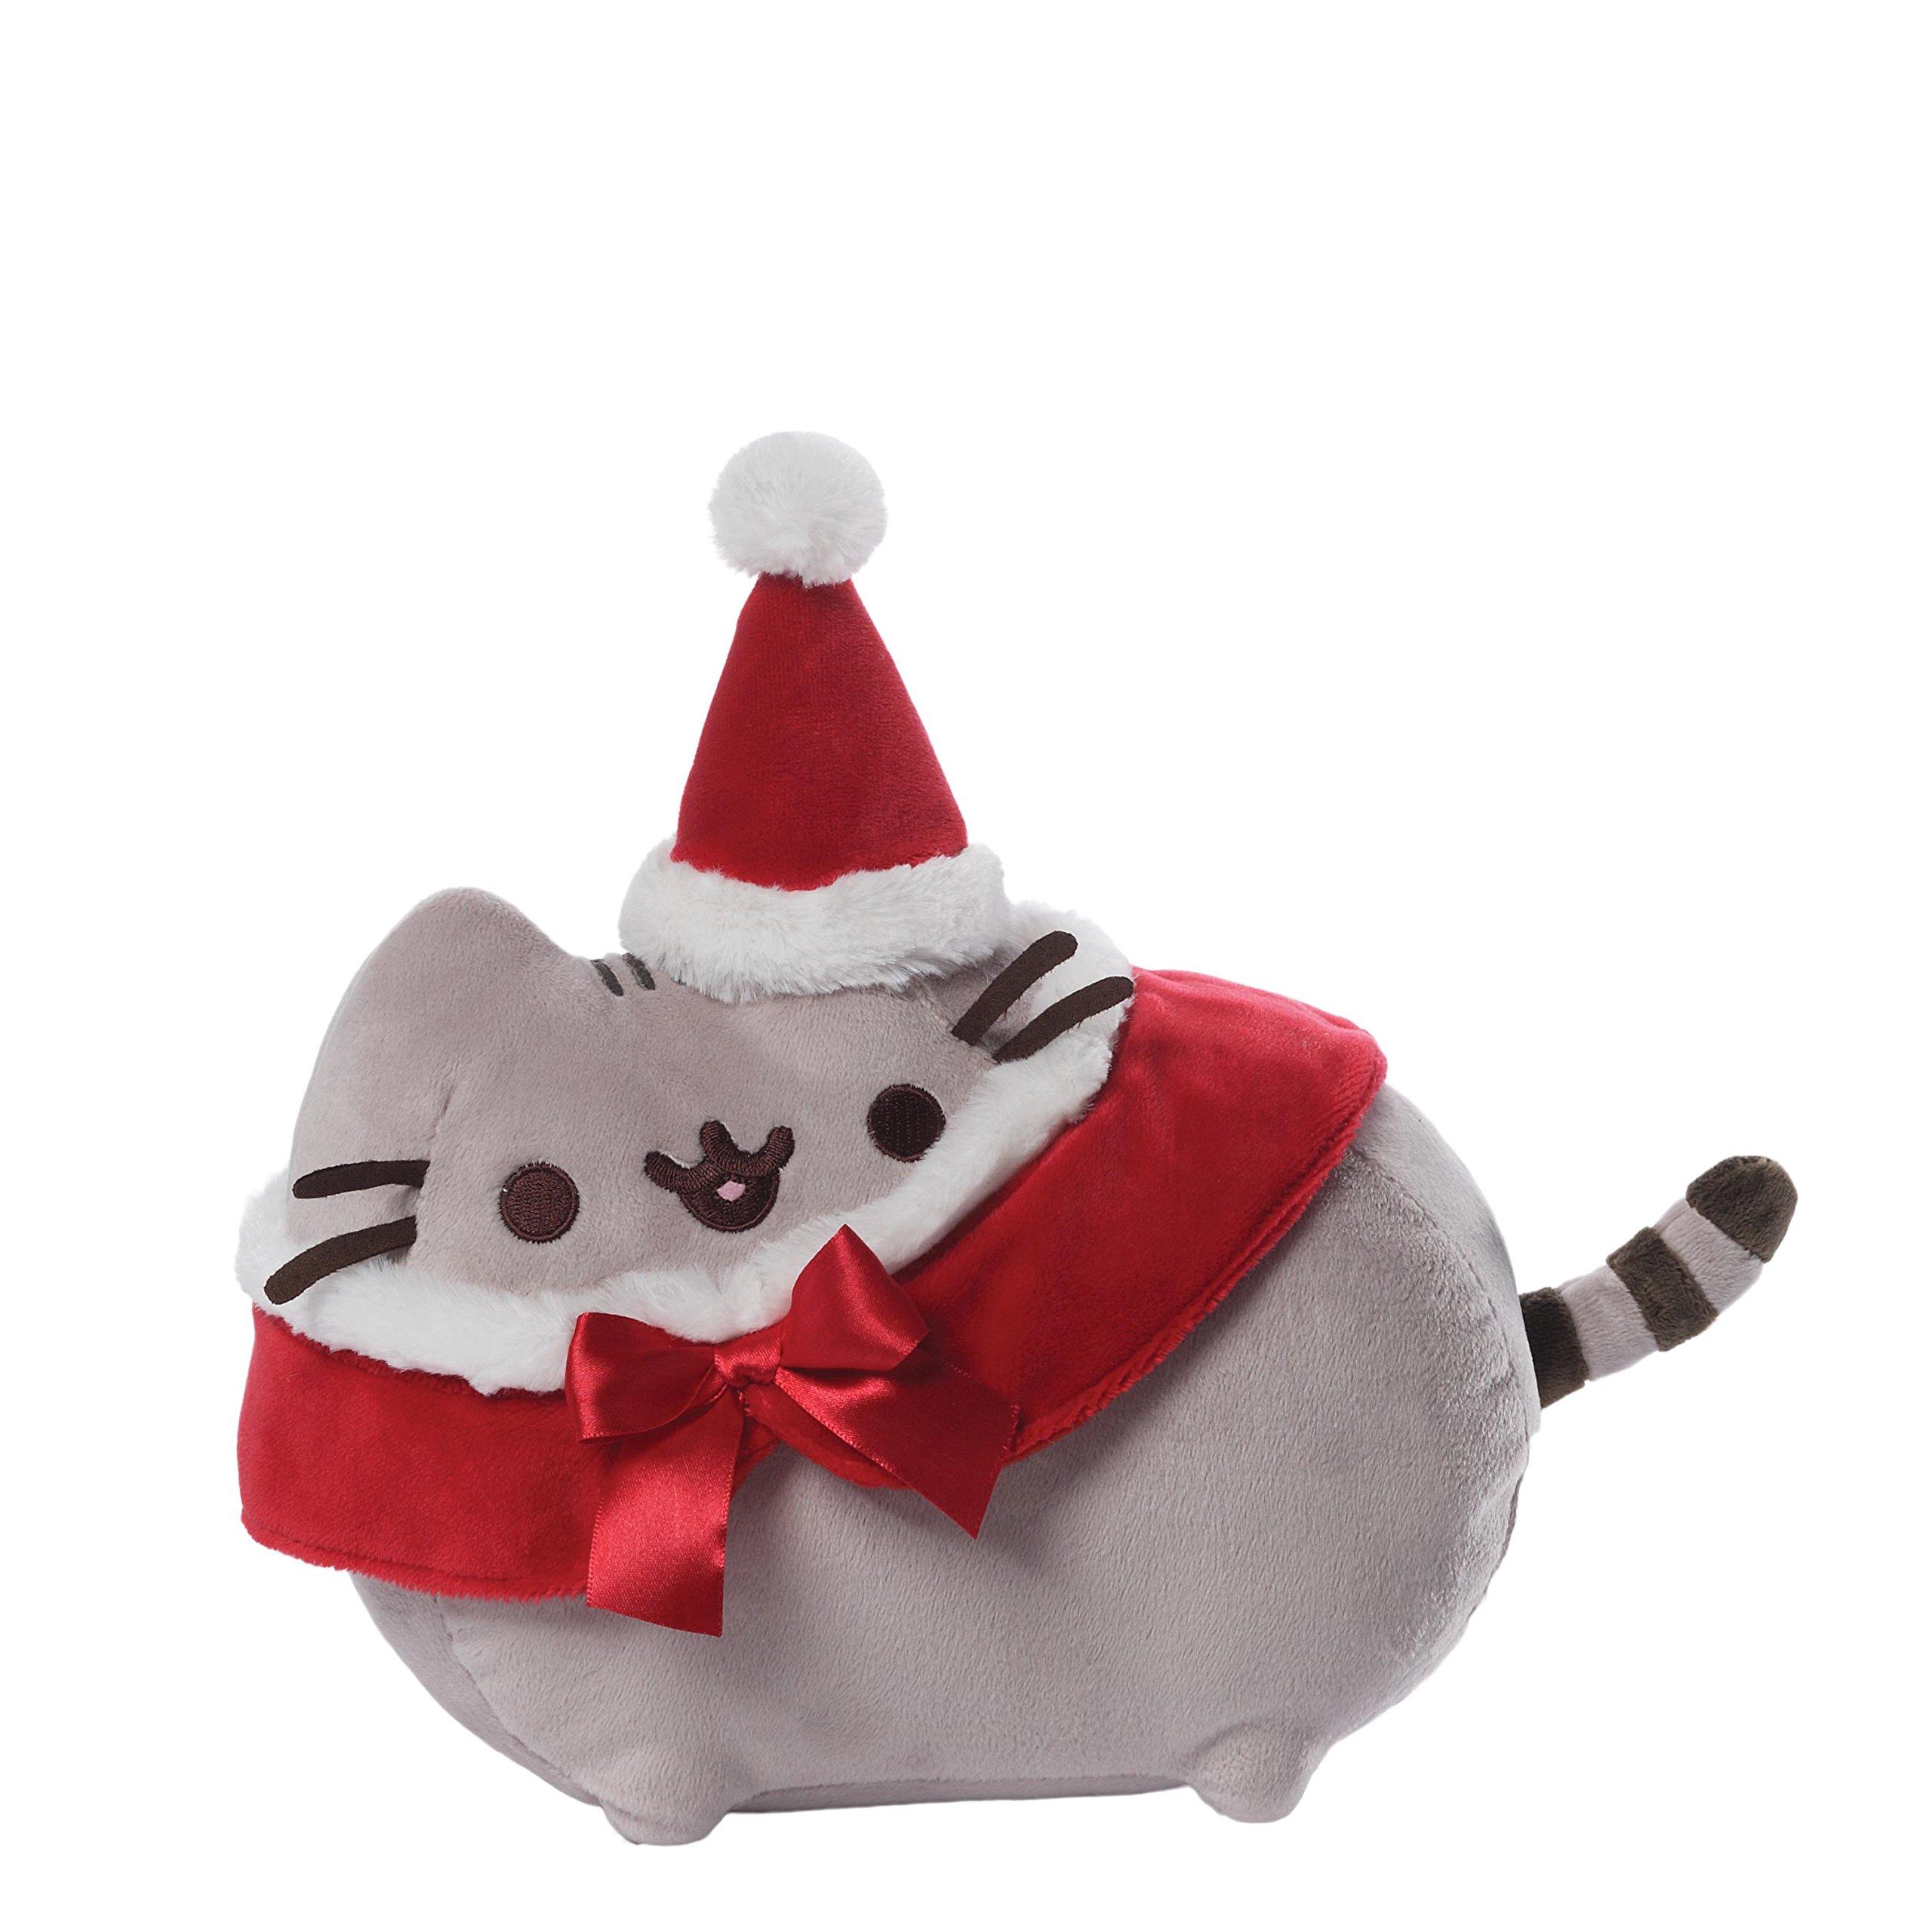 GUND Pusheen Christmas Plush Stuffed Animal by GUND